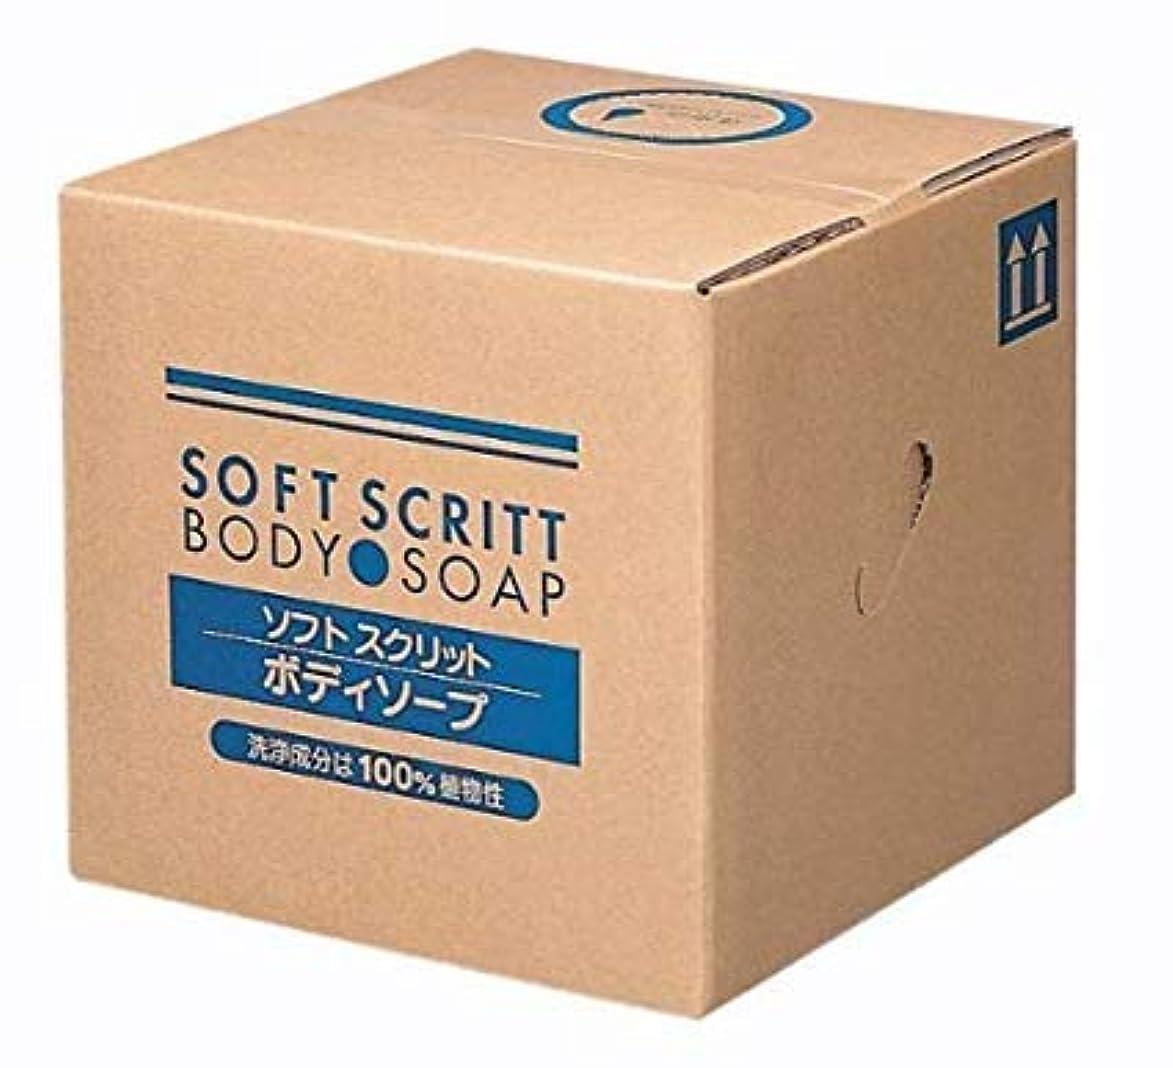 気まぐれなから文明SOFT SCRITT(ソフトスクリット) ボディソープ 詰替用 18L 4353 (熊野油脂) (清拭小物)